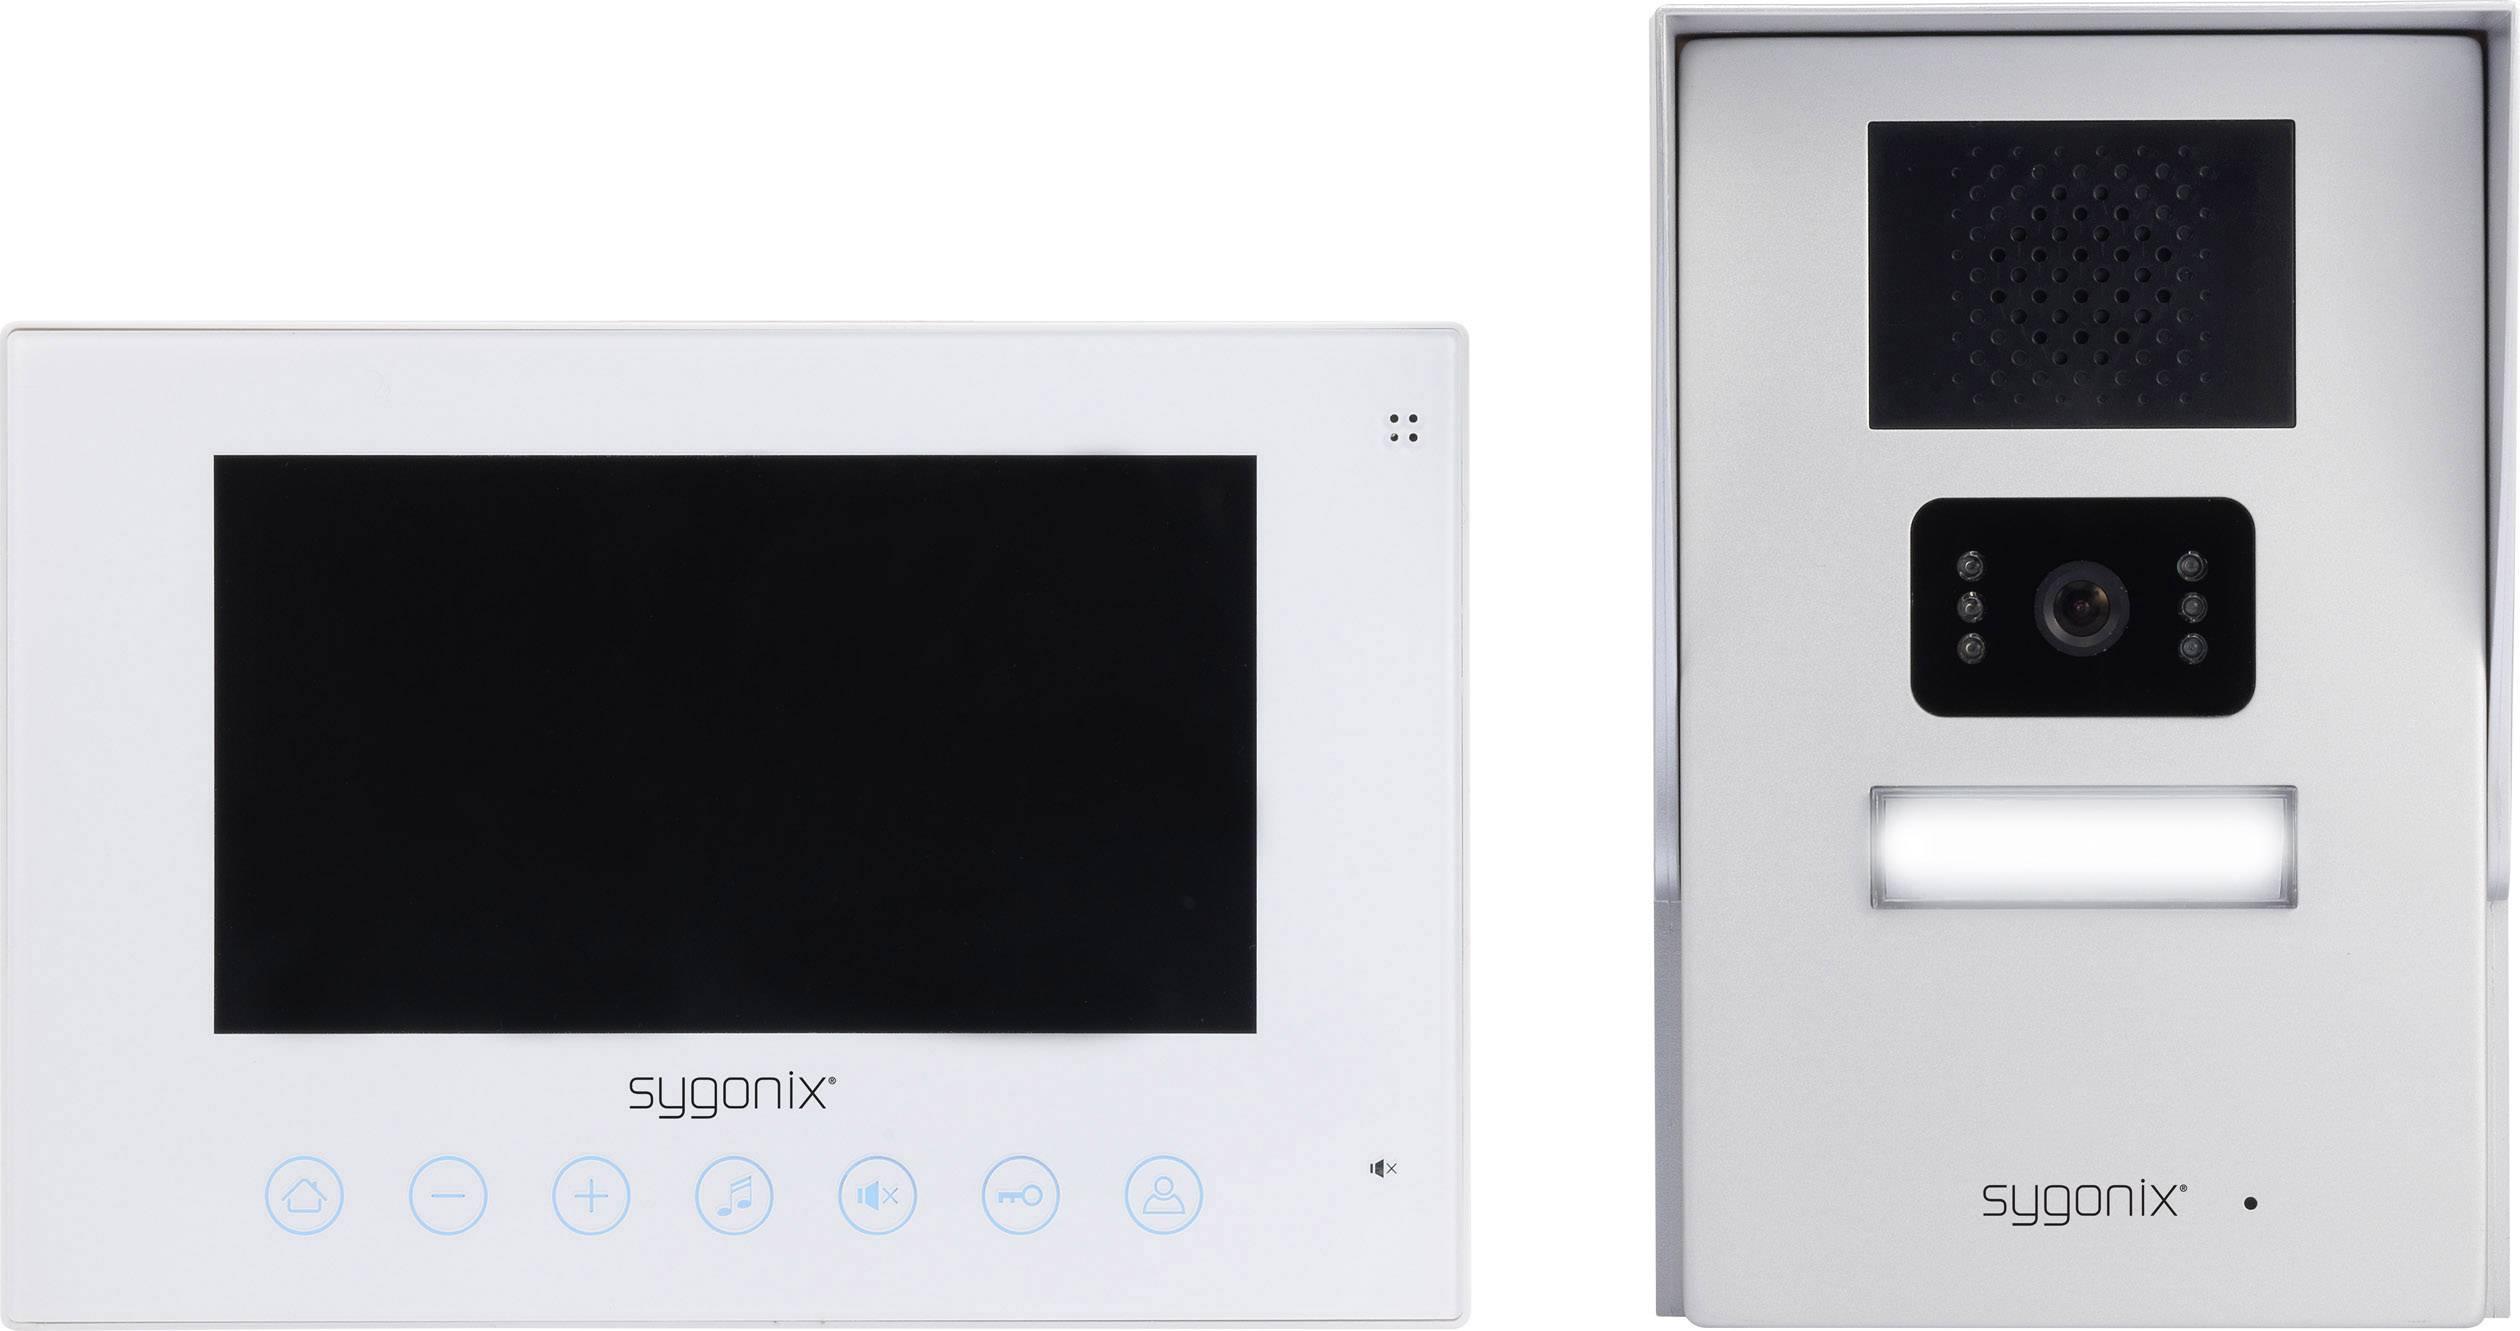 Kabelový domovní video telefon Sygonix stříbrná, bílá